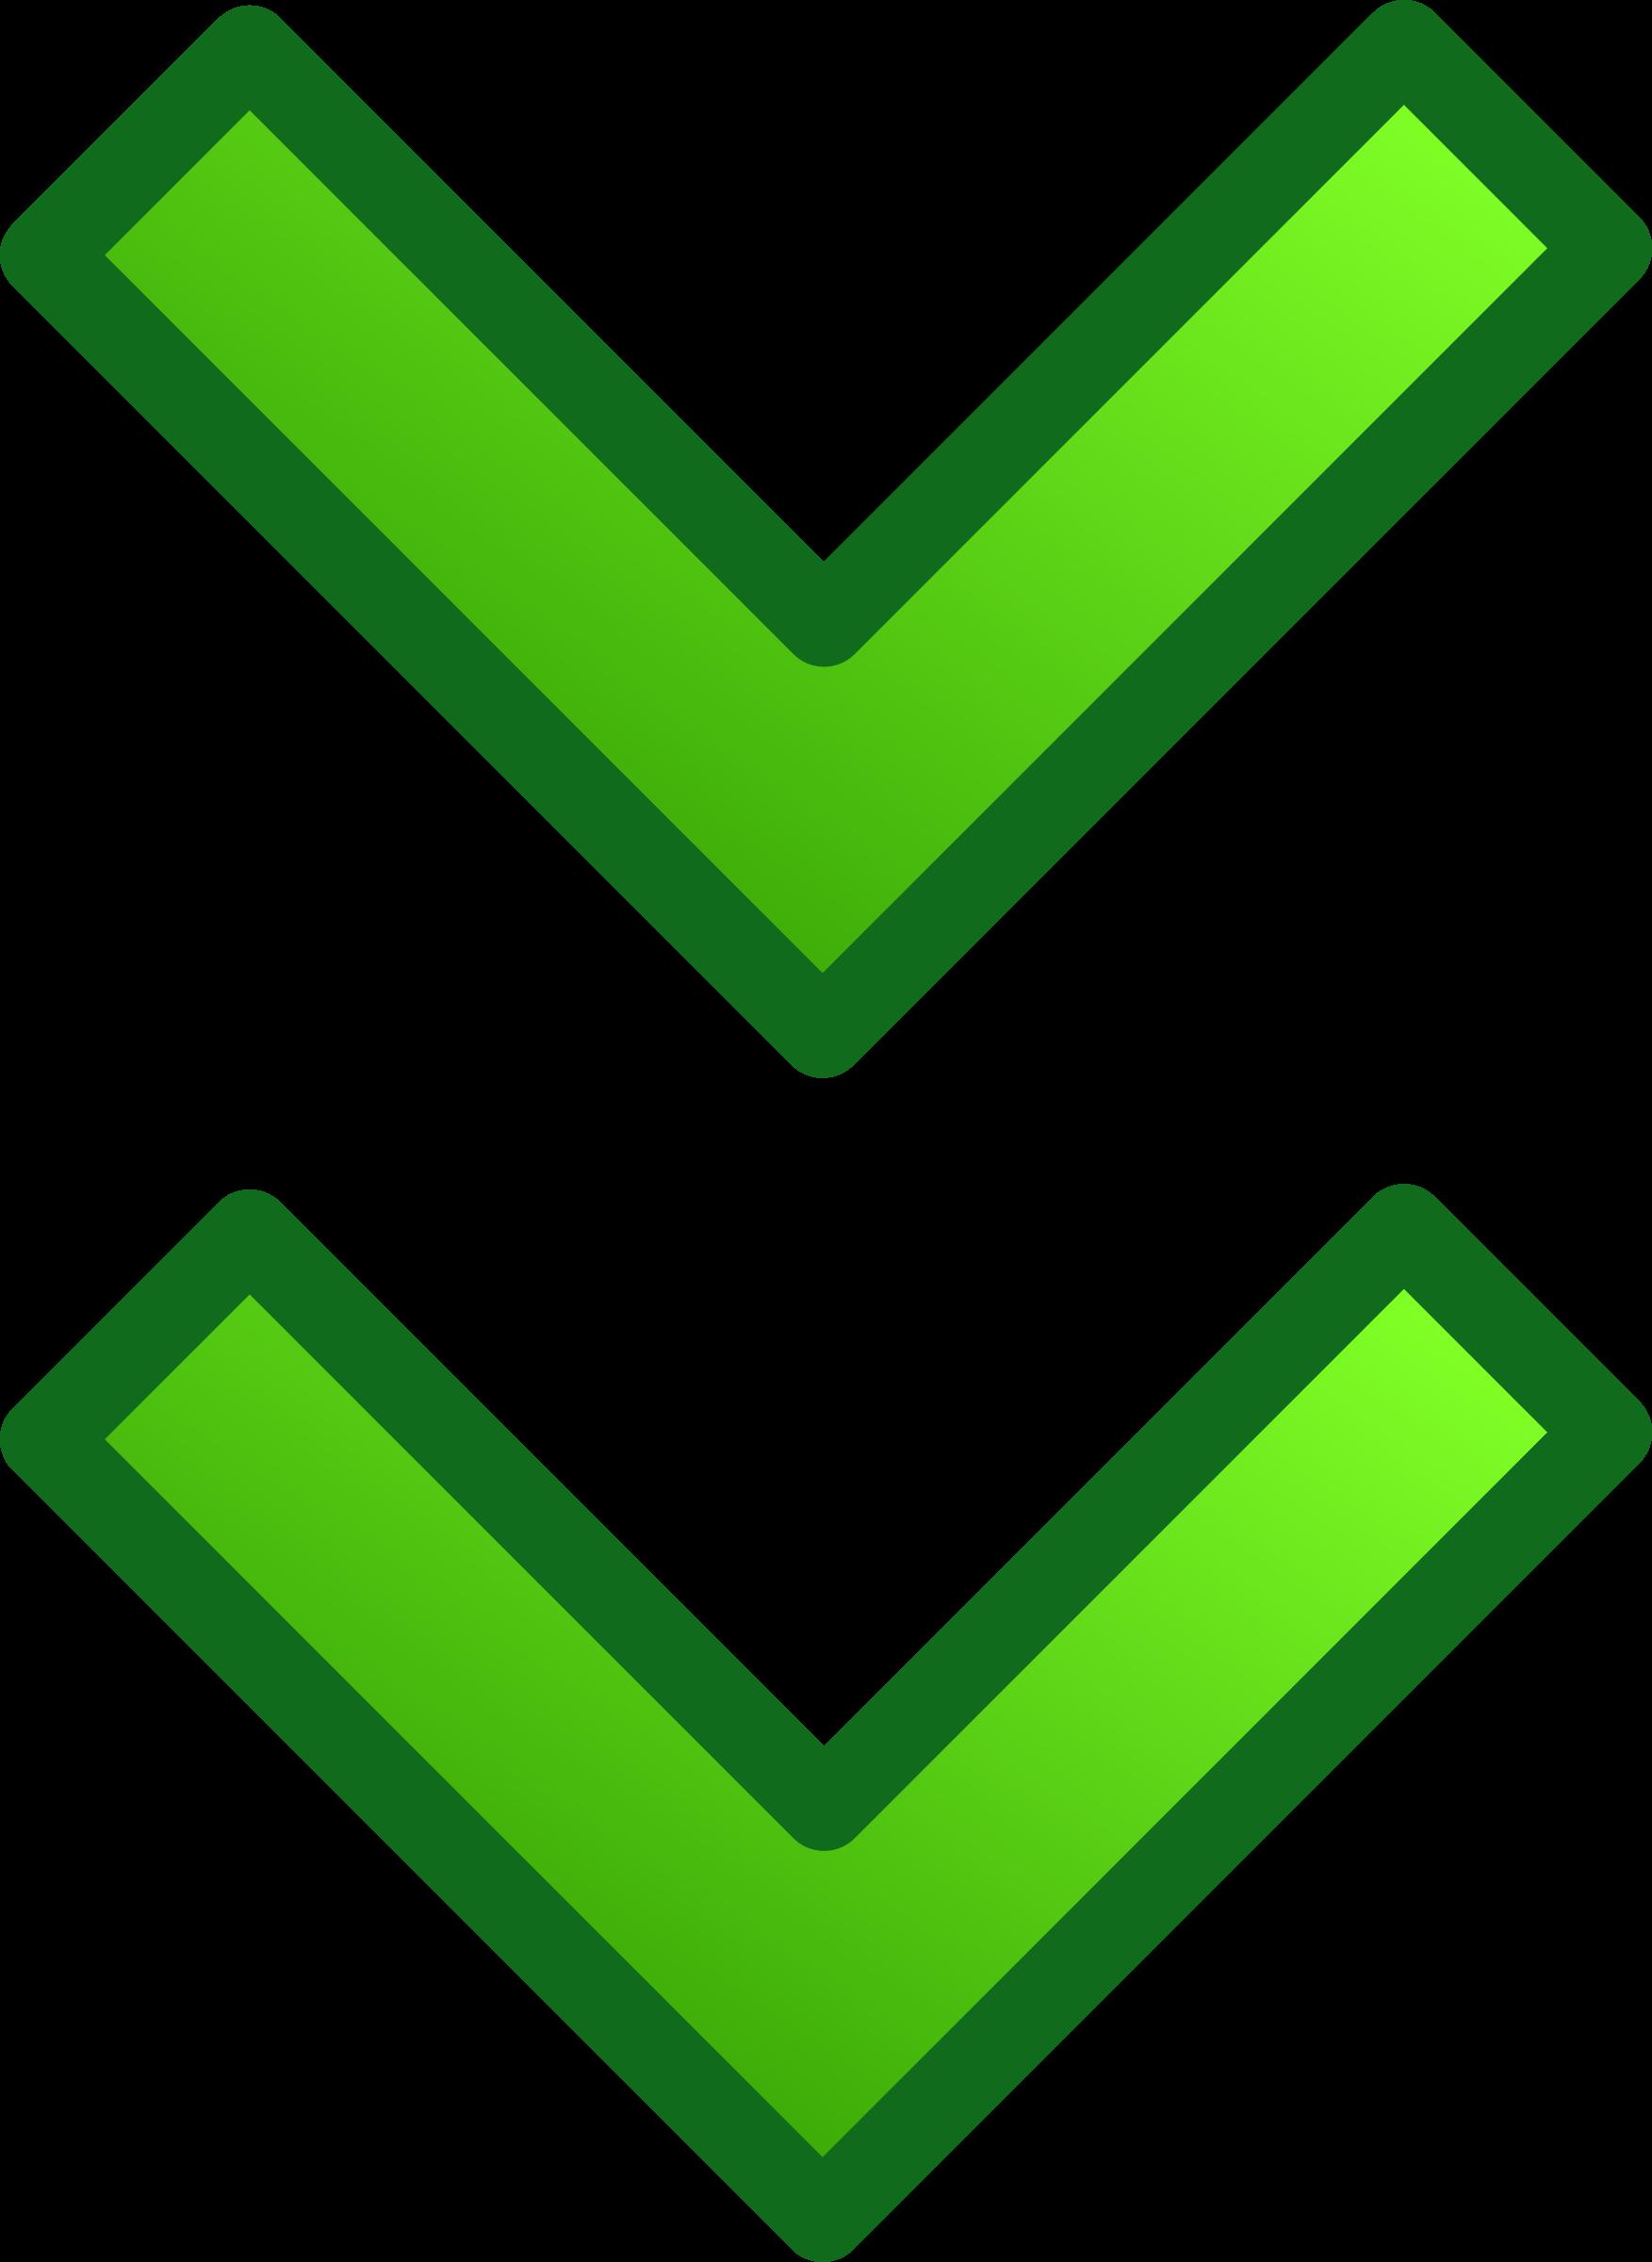 Double arrow clipart clip art transparent download Clipart - green double arrows set clip art transparent download